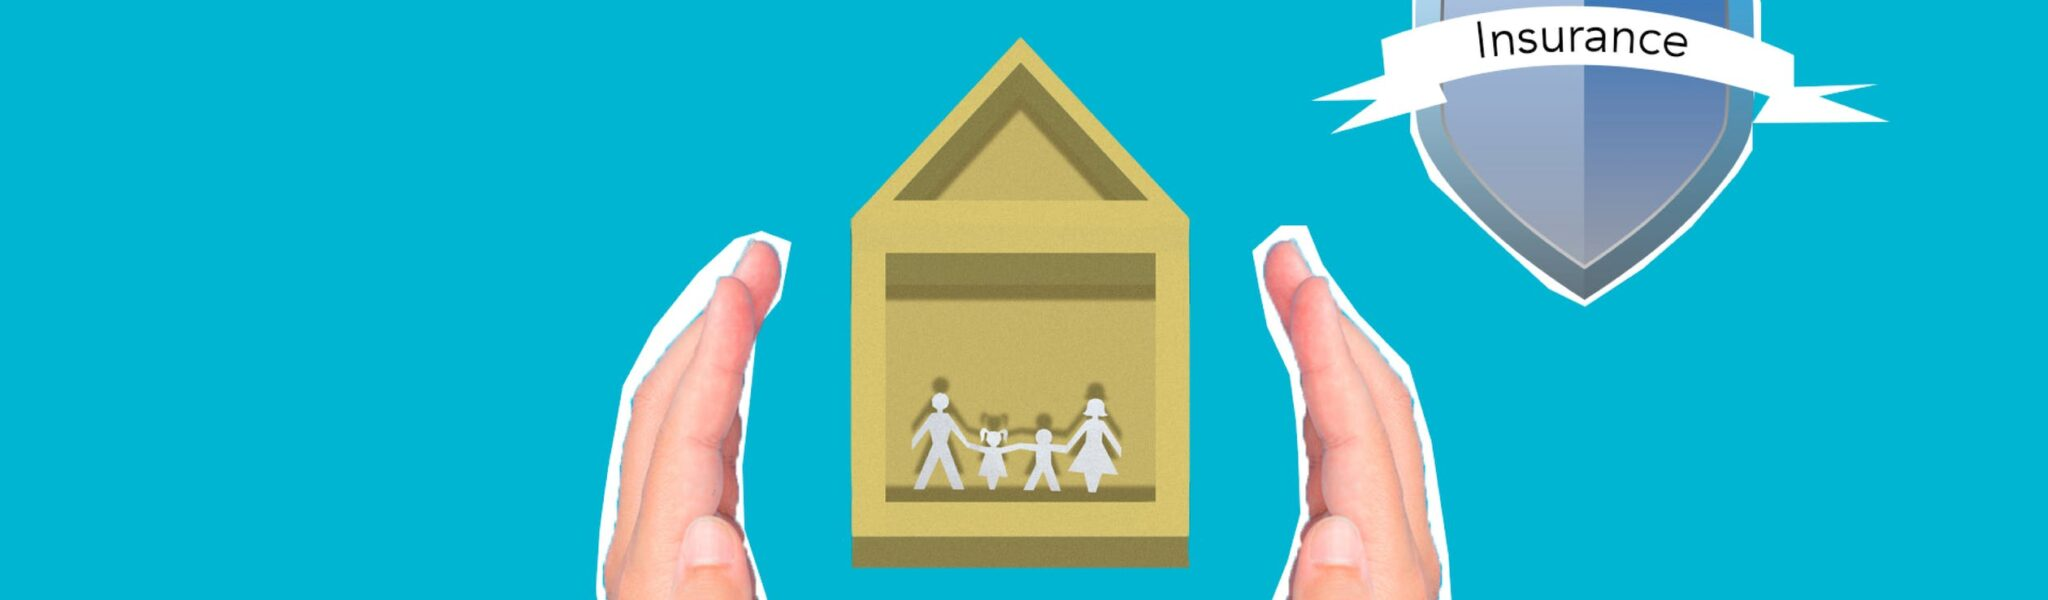 Leocare : 2 mois d'assurance habitation offertes avant le 07/02